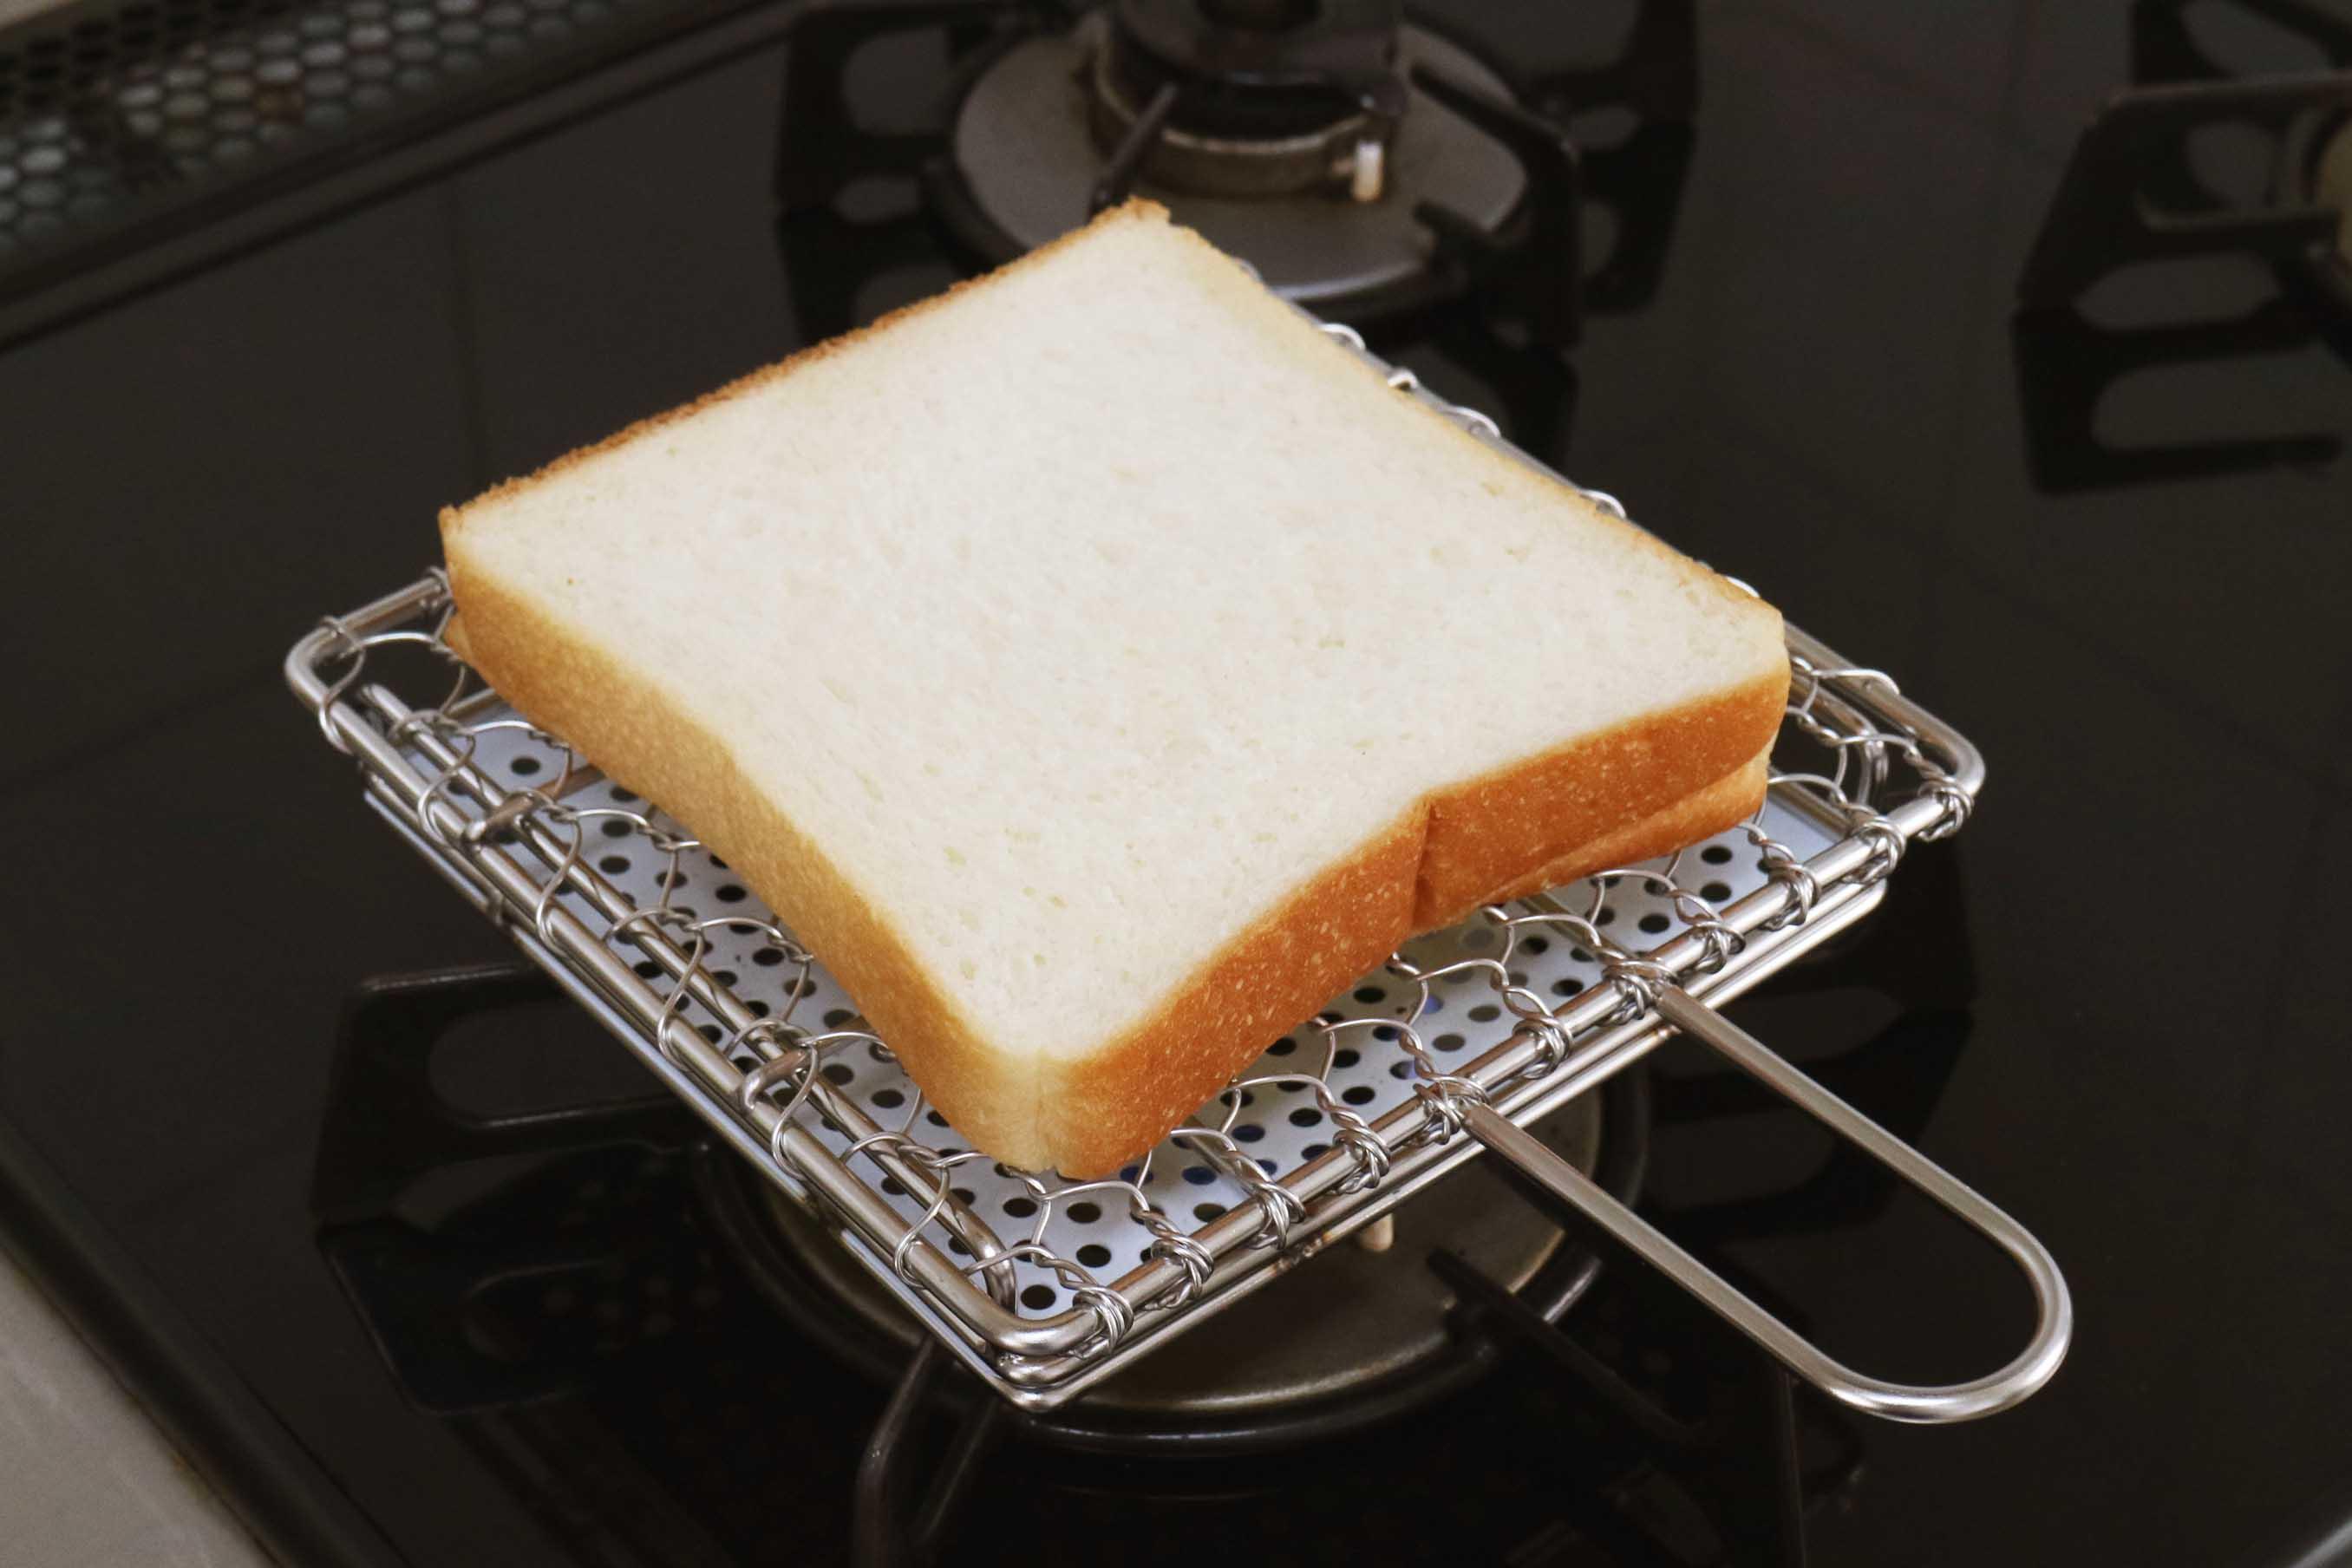 パンを乗せたら10〜15秒ずついろんな方向にひっくり返して行く 上下左右